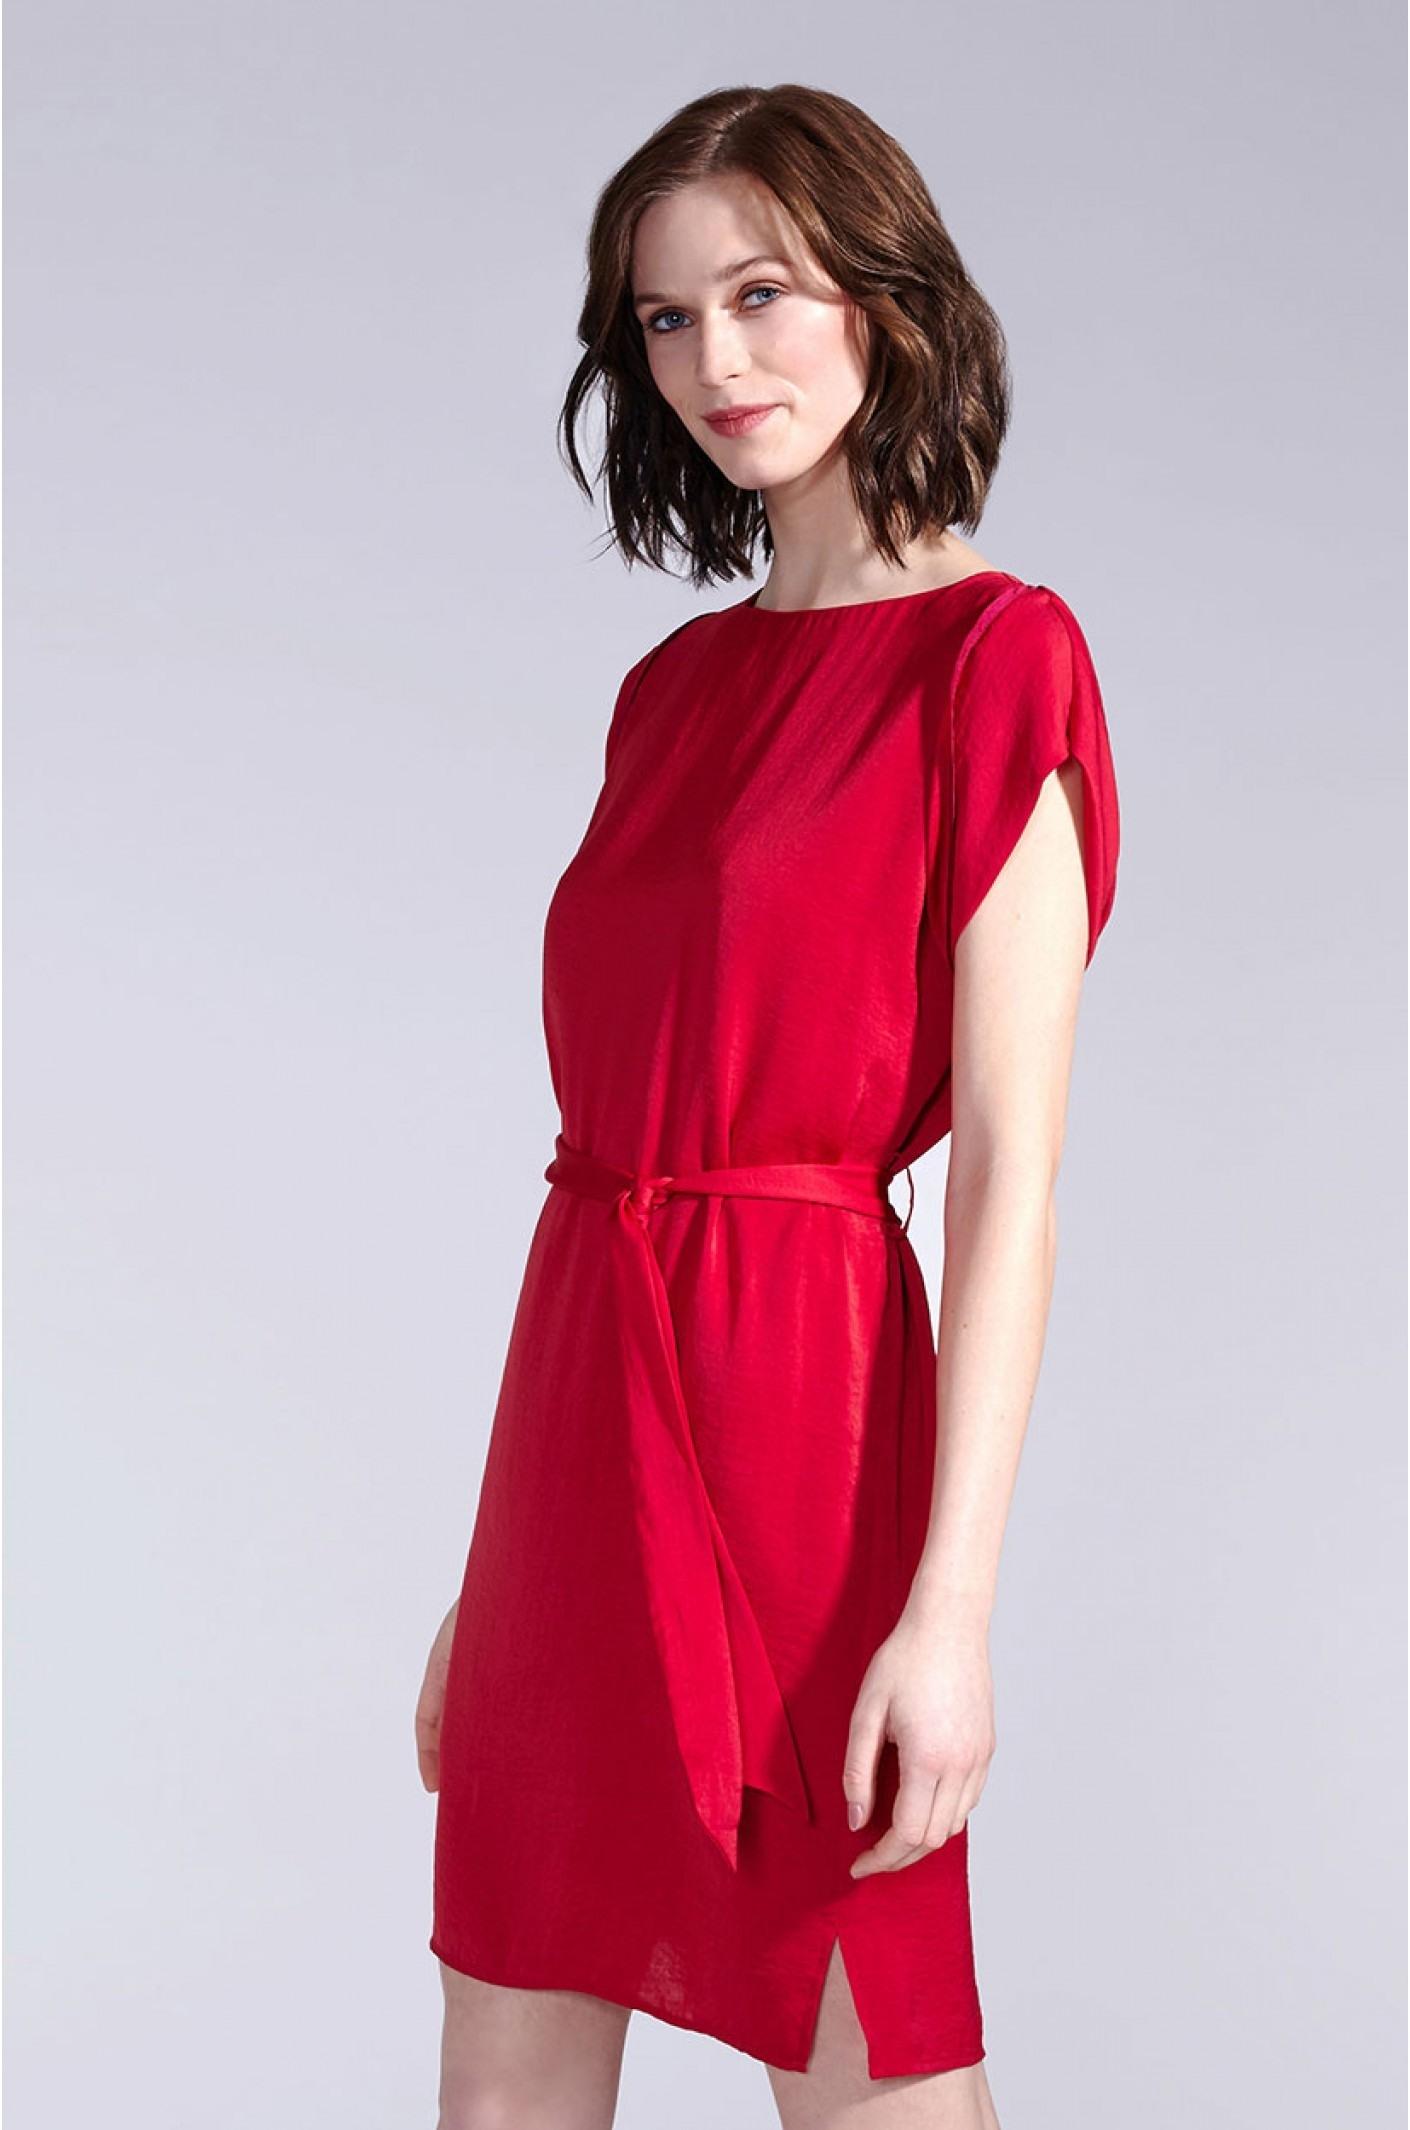 17 Ausgezeichnet Winterkleid Elegant Galerie13 Kreativ Winterkleid Elegant Spezialgebiet